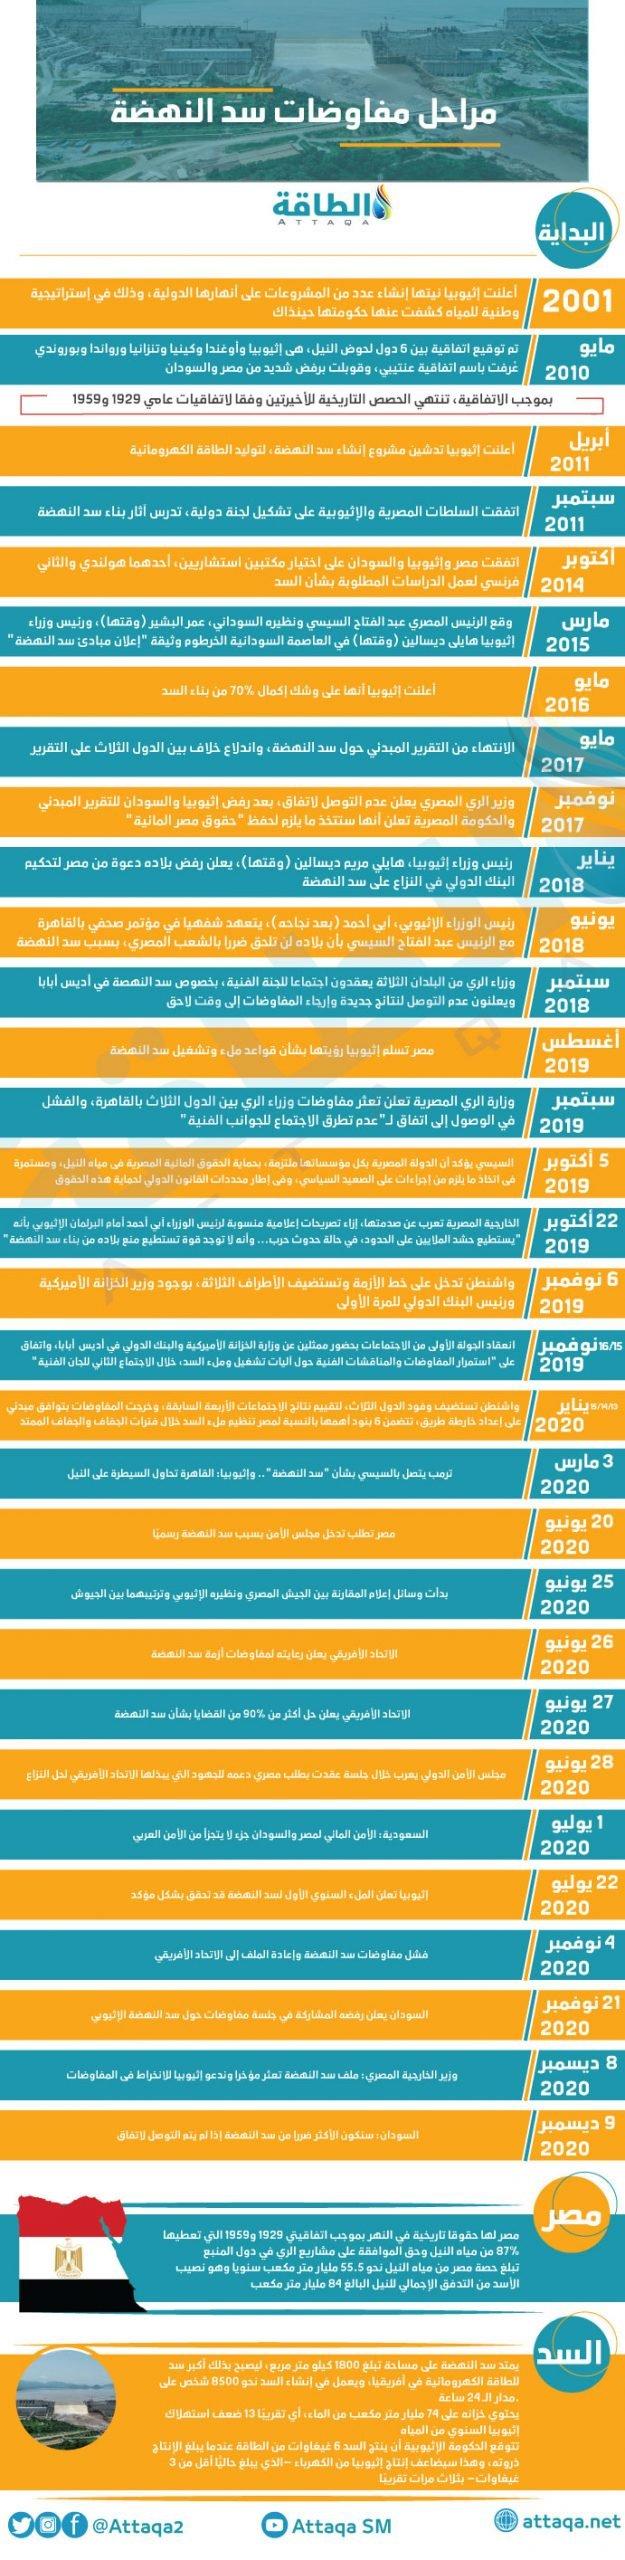 إنفوجرافيك يوضح مراحل مفاوضات سد النهضة